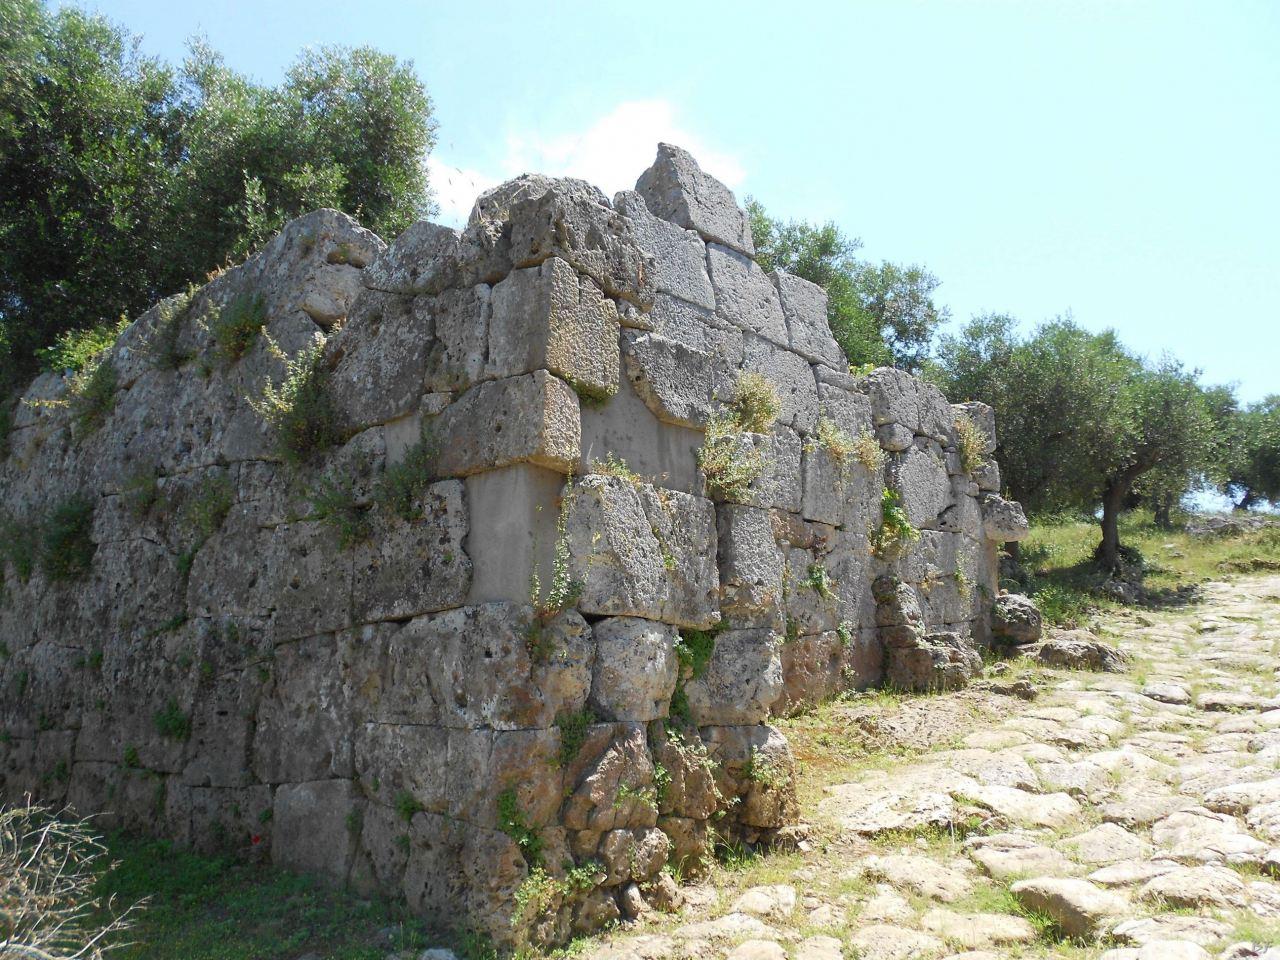 Cosa-Mura-Megalitiche-Ansedonia-Grosseto-Toscana-Italia-22